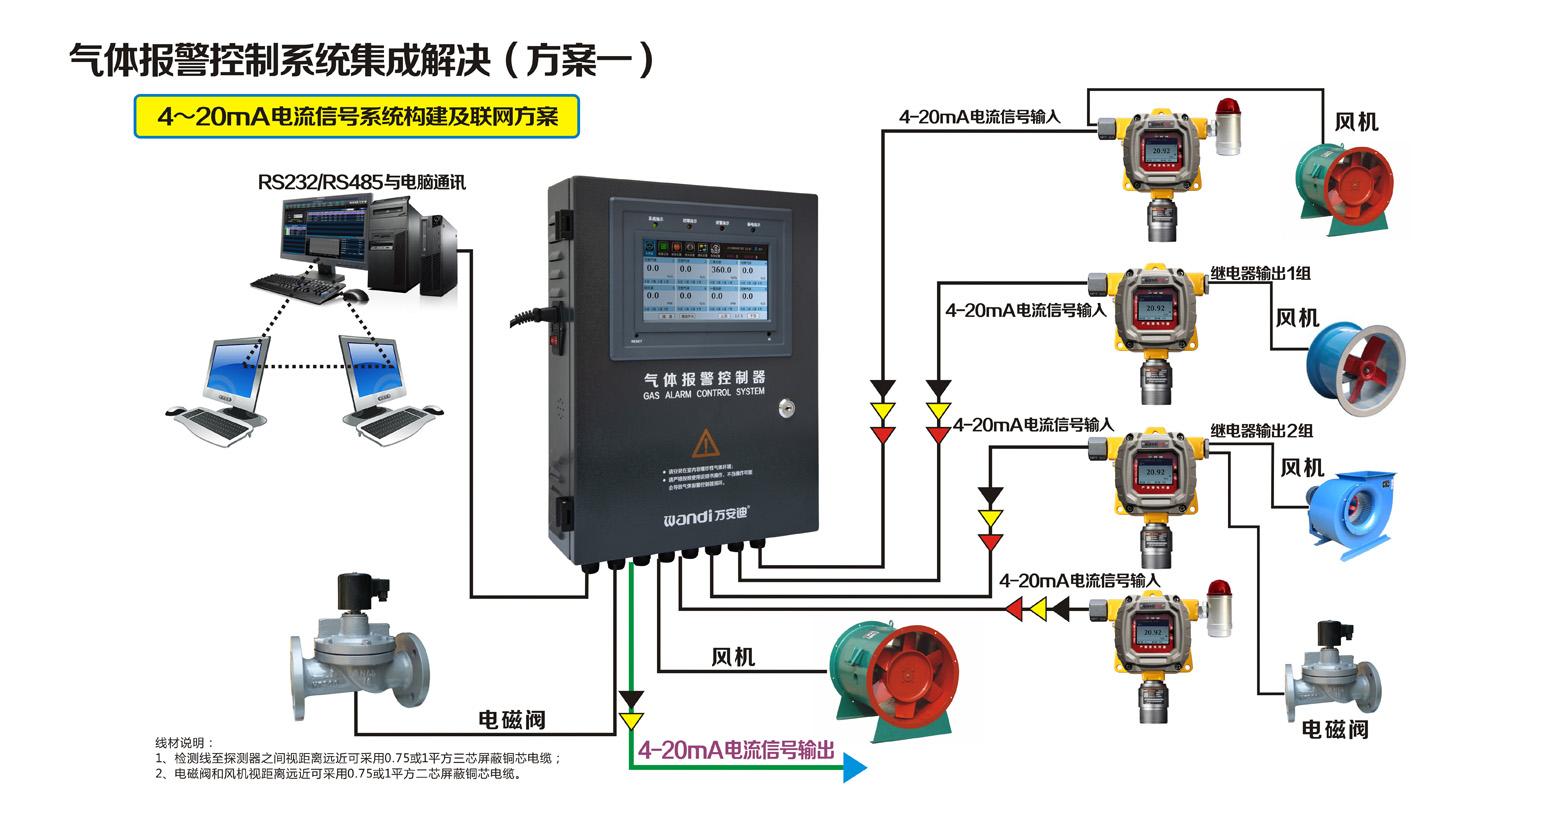 探测器4~20mA电流信号系统构建及联网方案